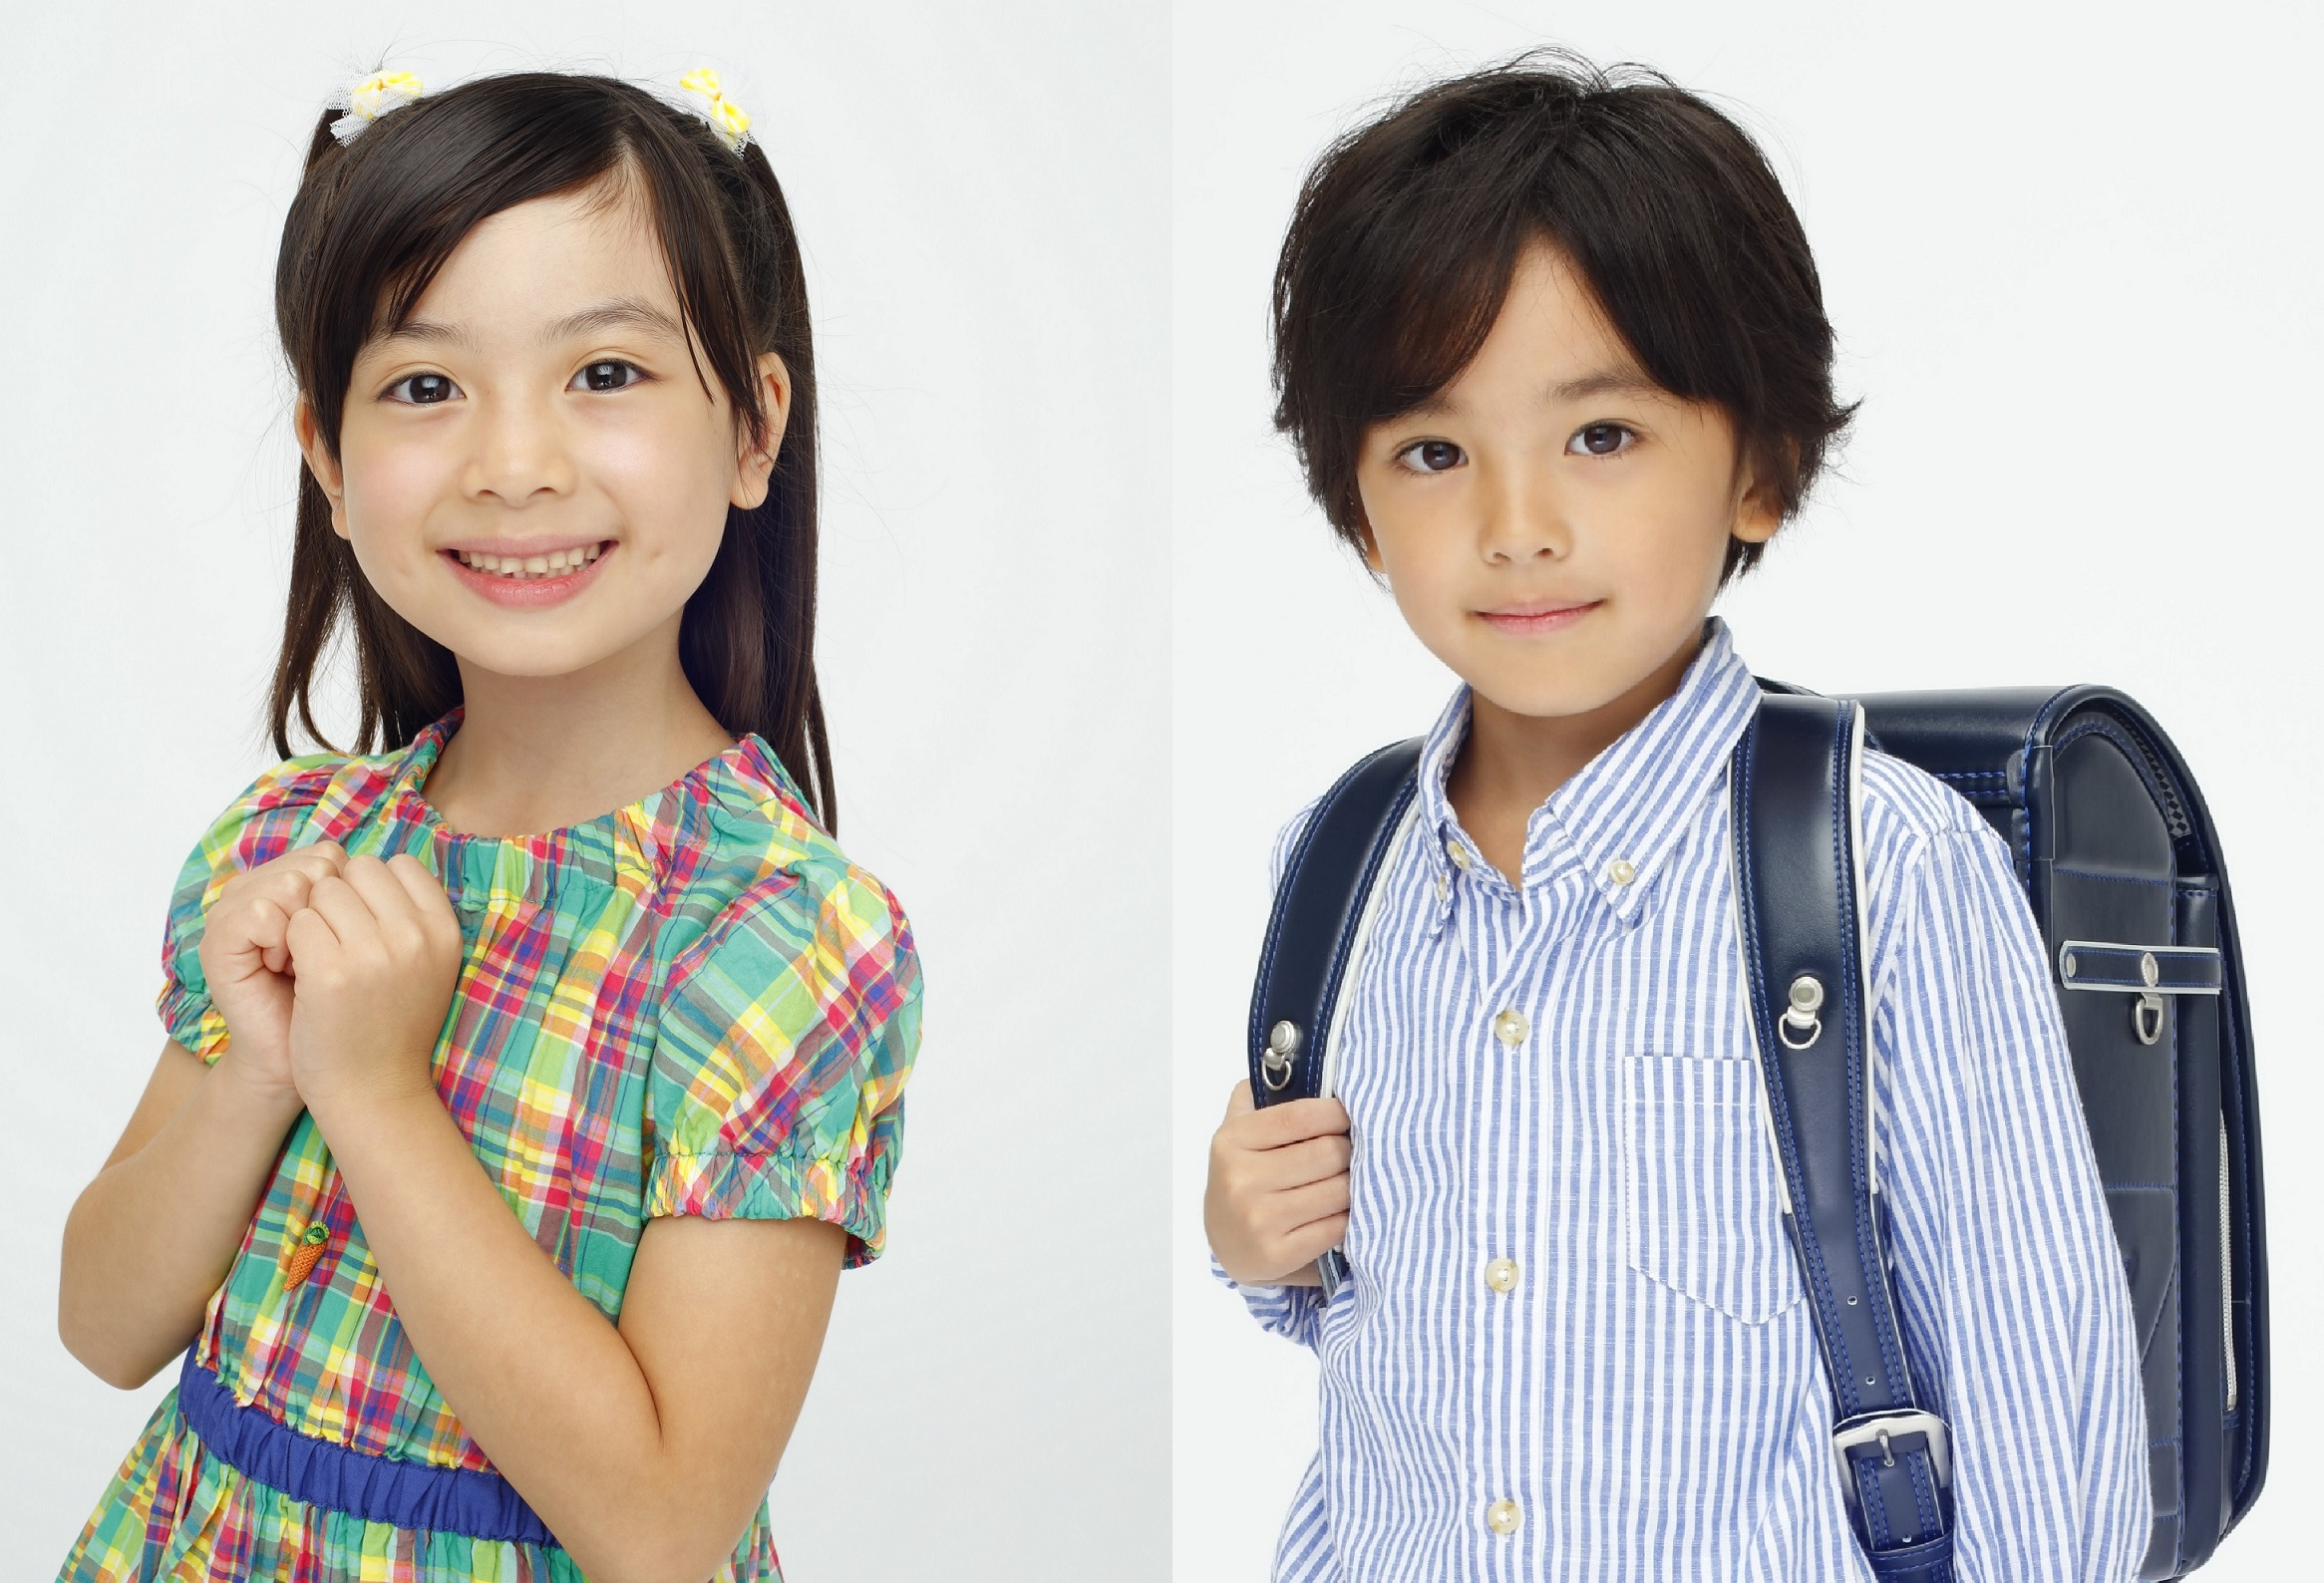 【速報】『小学一年生』モデル 2017年度グランプリが決定!